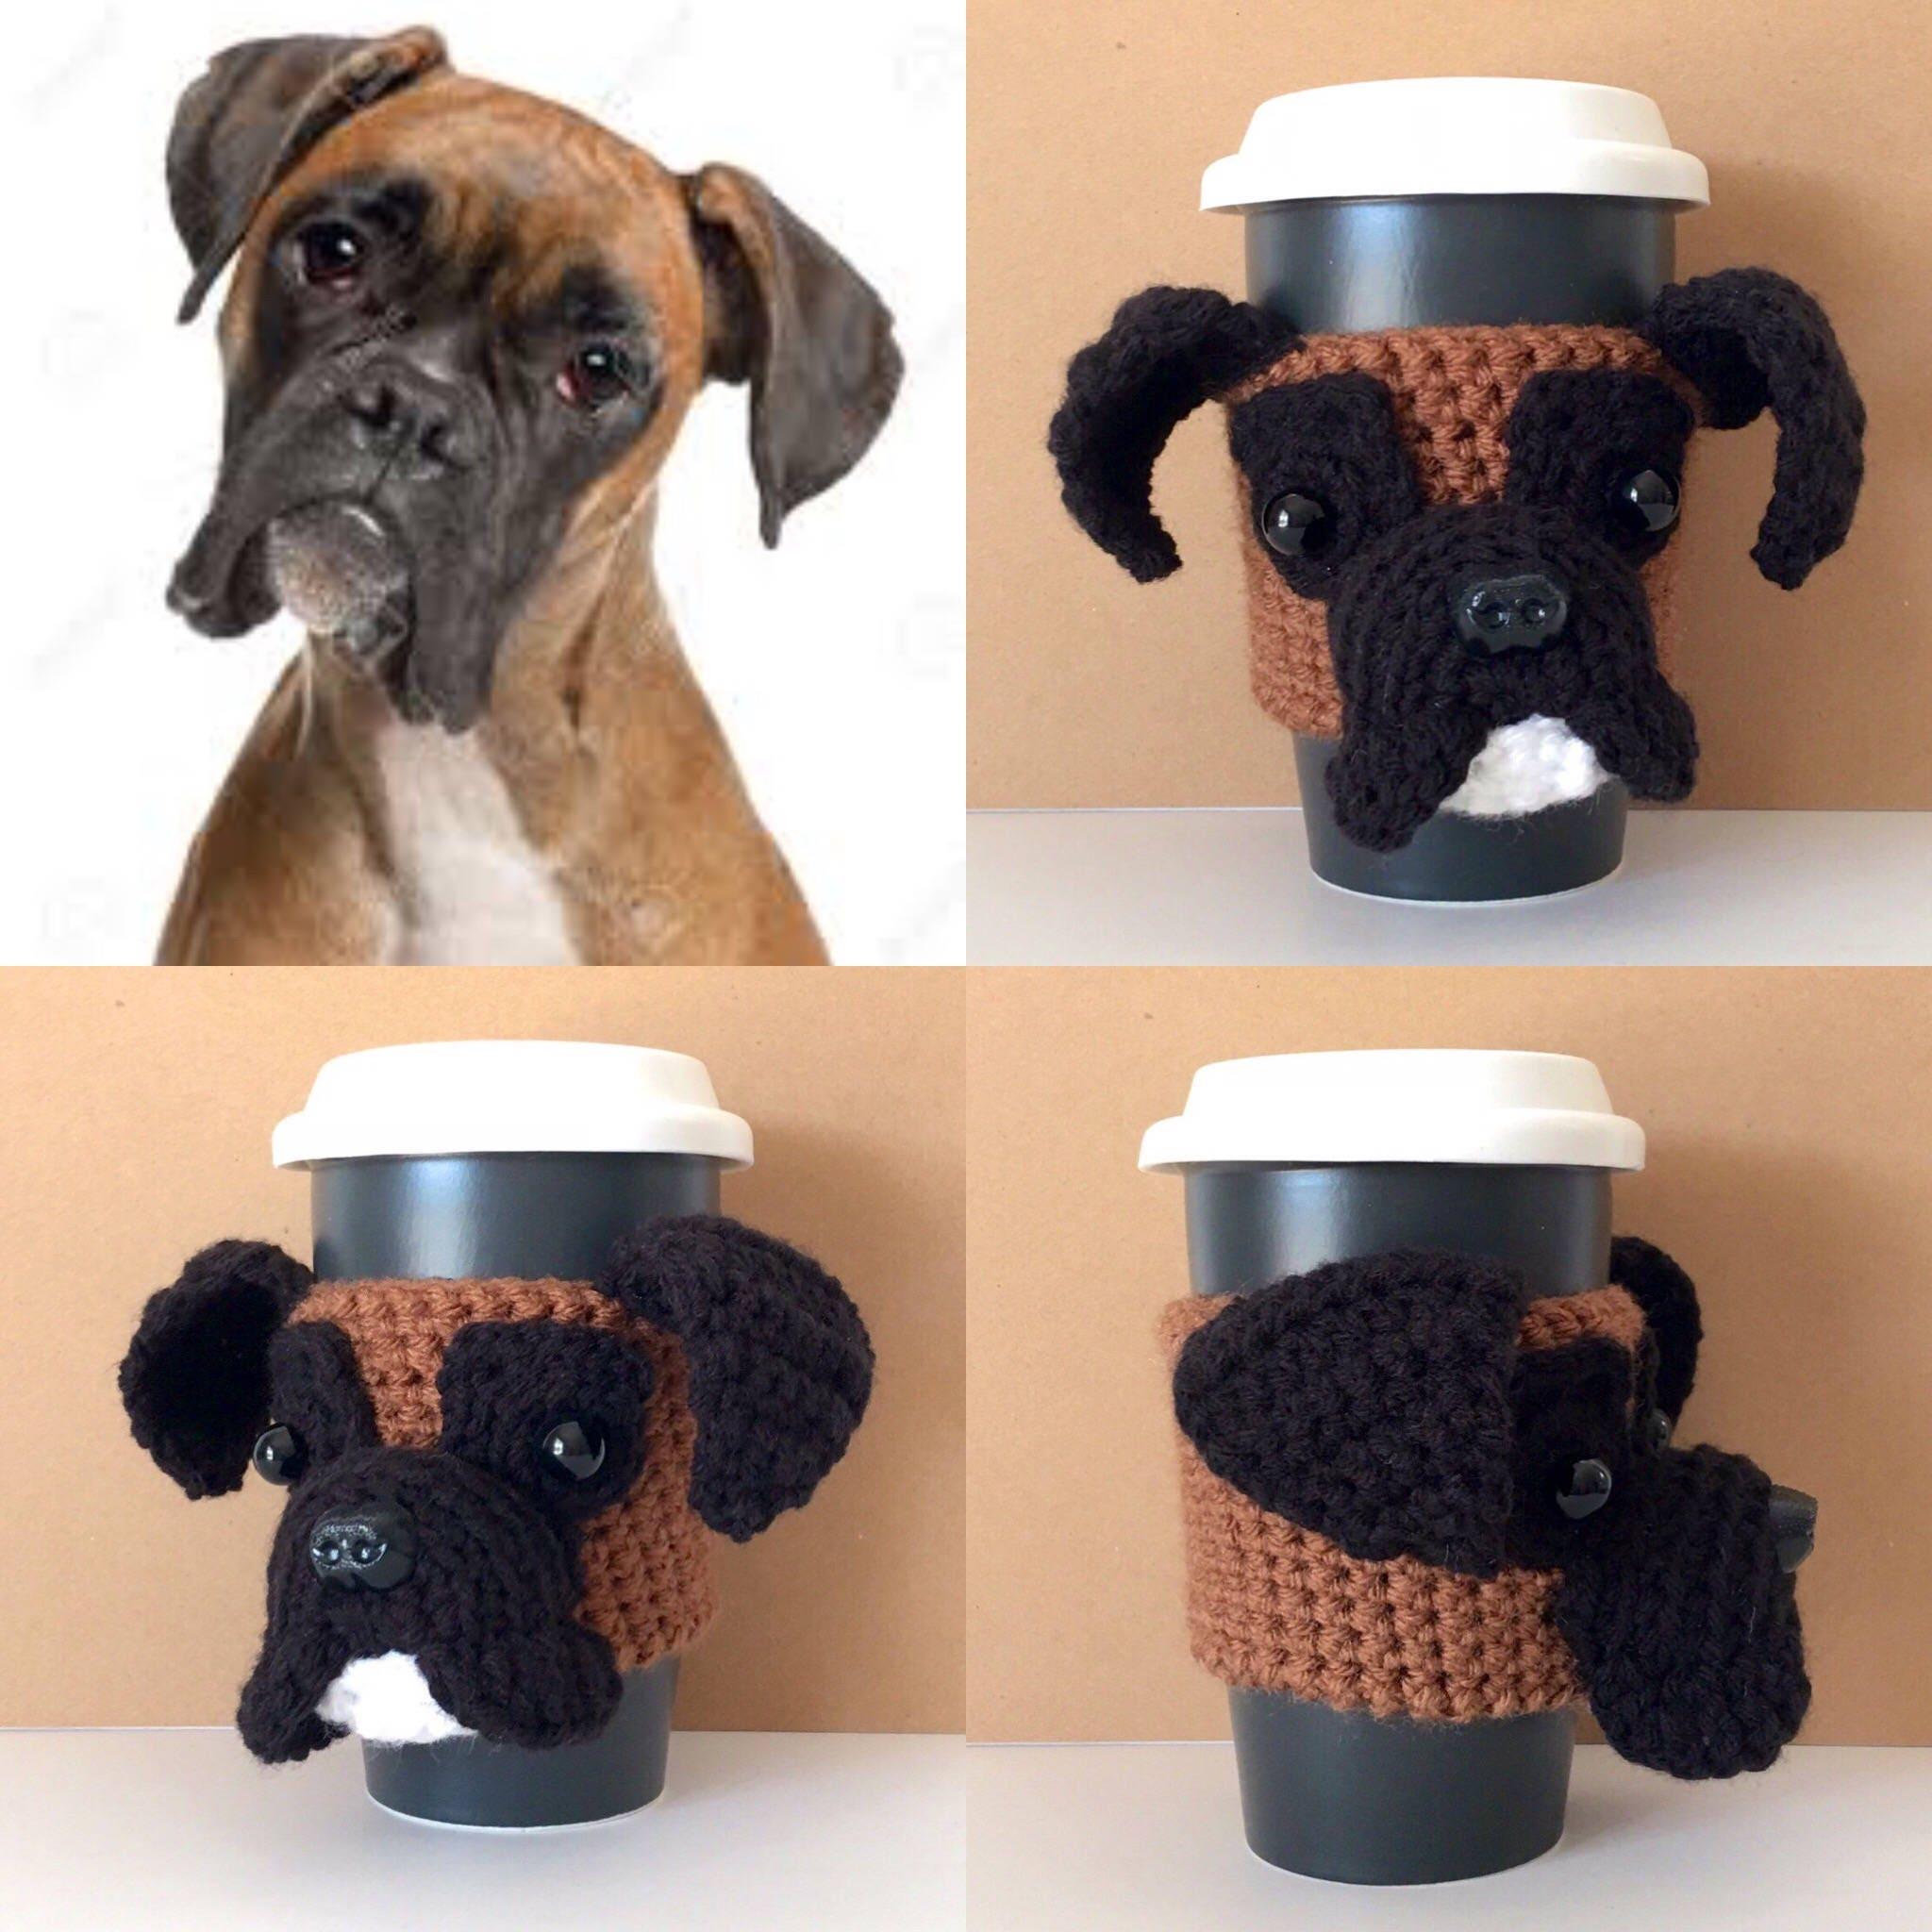 Amigurumi Beginner Kit : Crochet Starter Kit - Amigurumi Kit - Crochet Pattern Dog ...